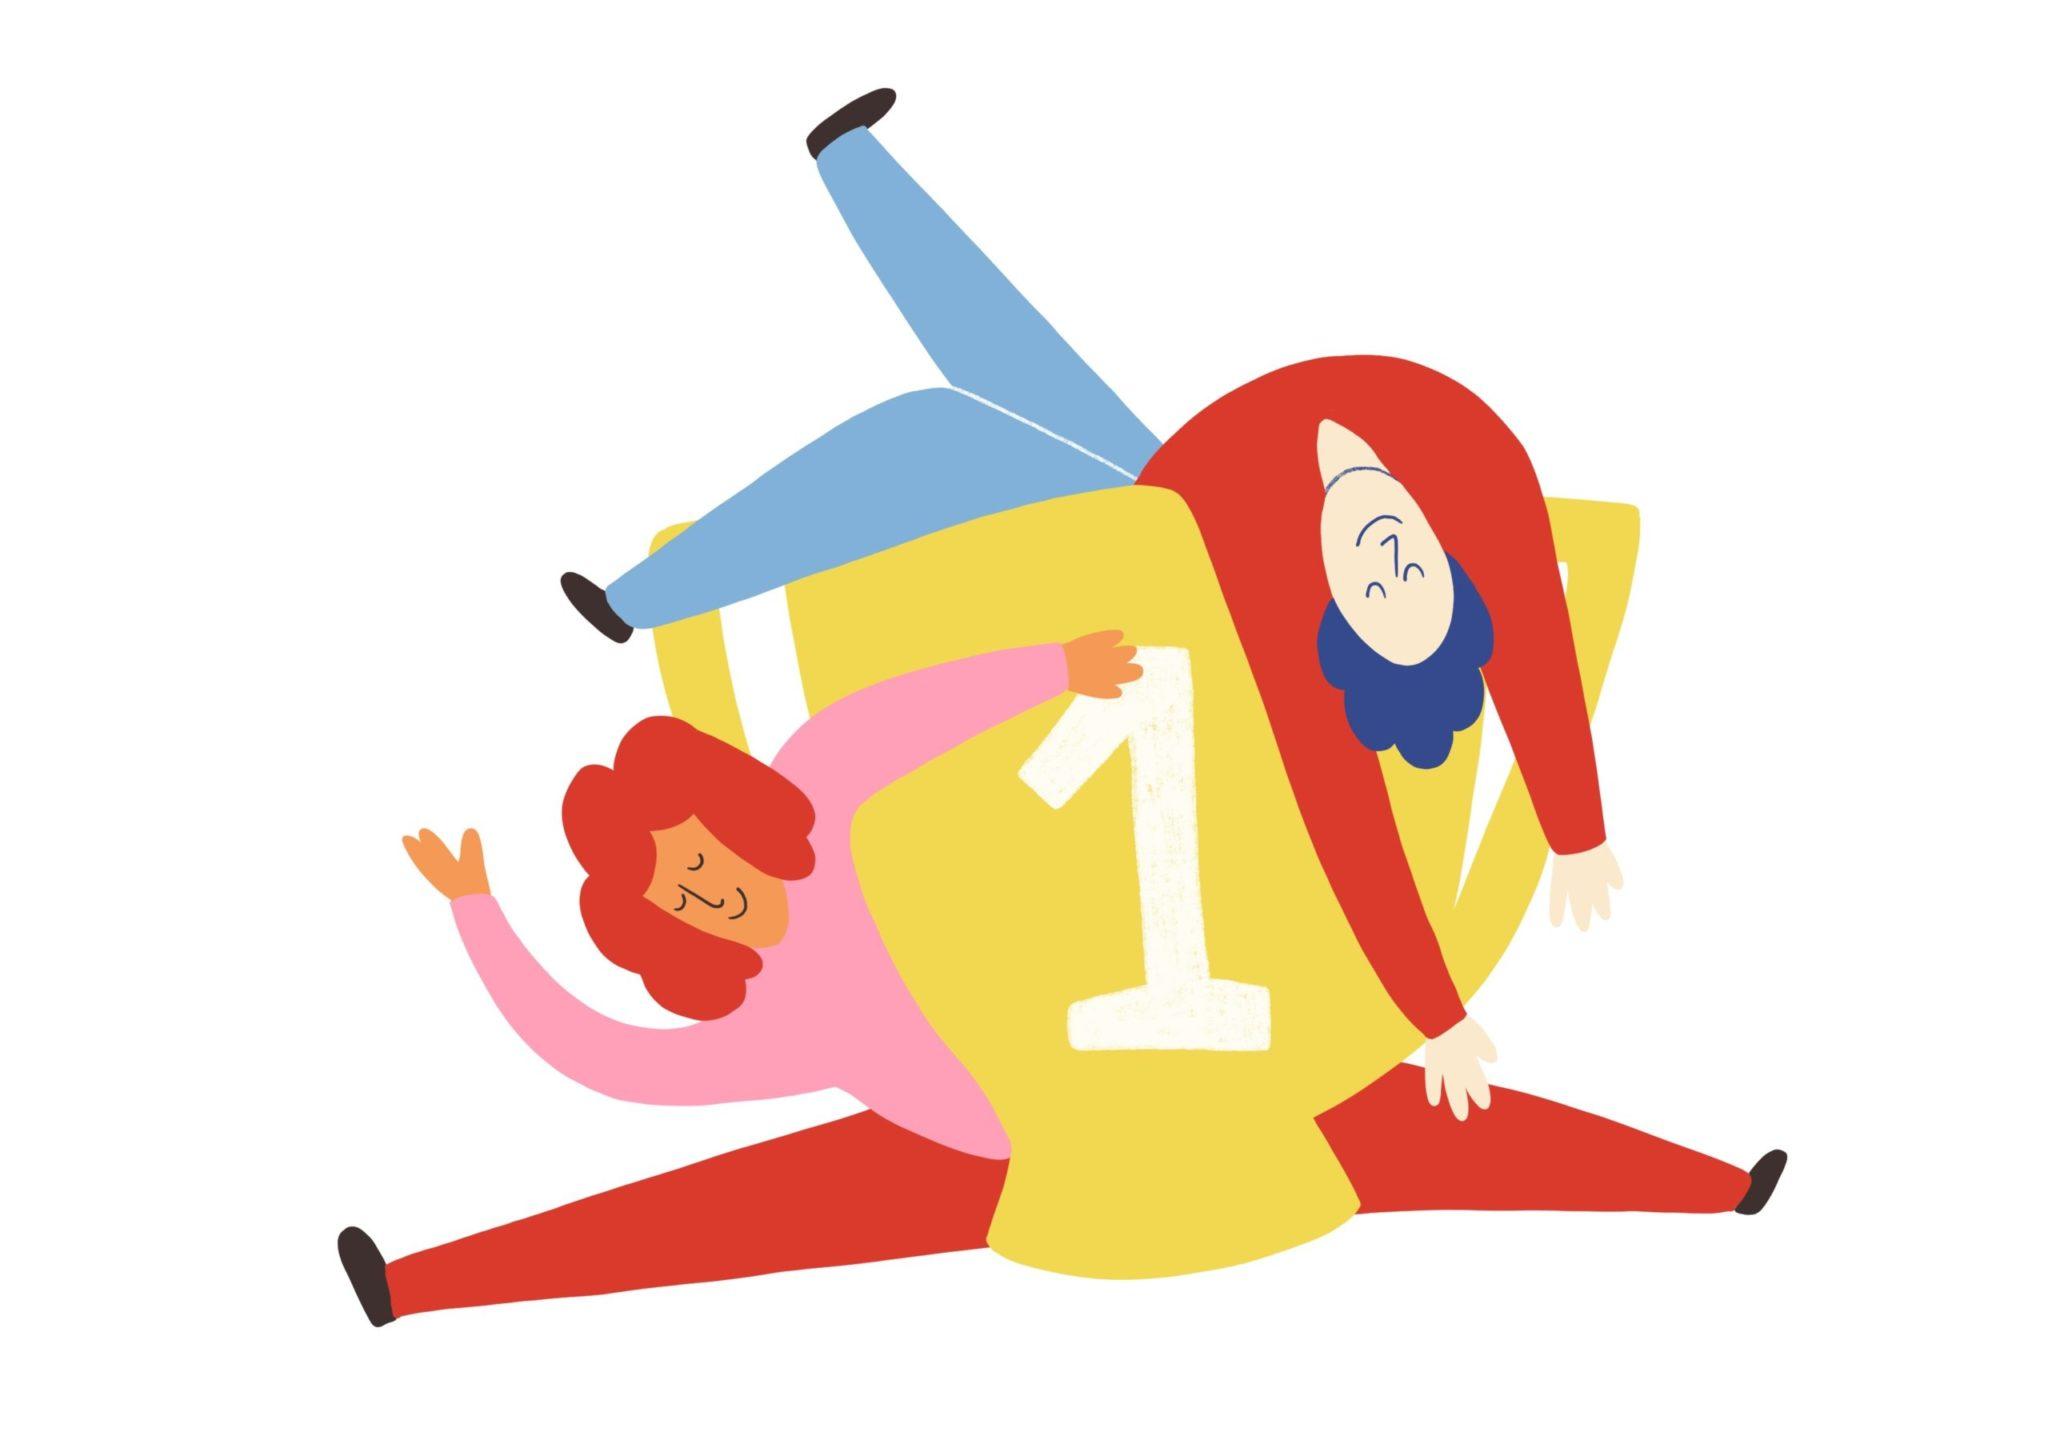 Illustration aus dem Reader Grundbegriffe für kulturelle Bildung Kapitel Zur Verschränkung von kultureller Bildung & Teilhabe am Beispiel des up-and-coming-Festivals